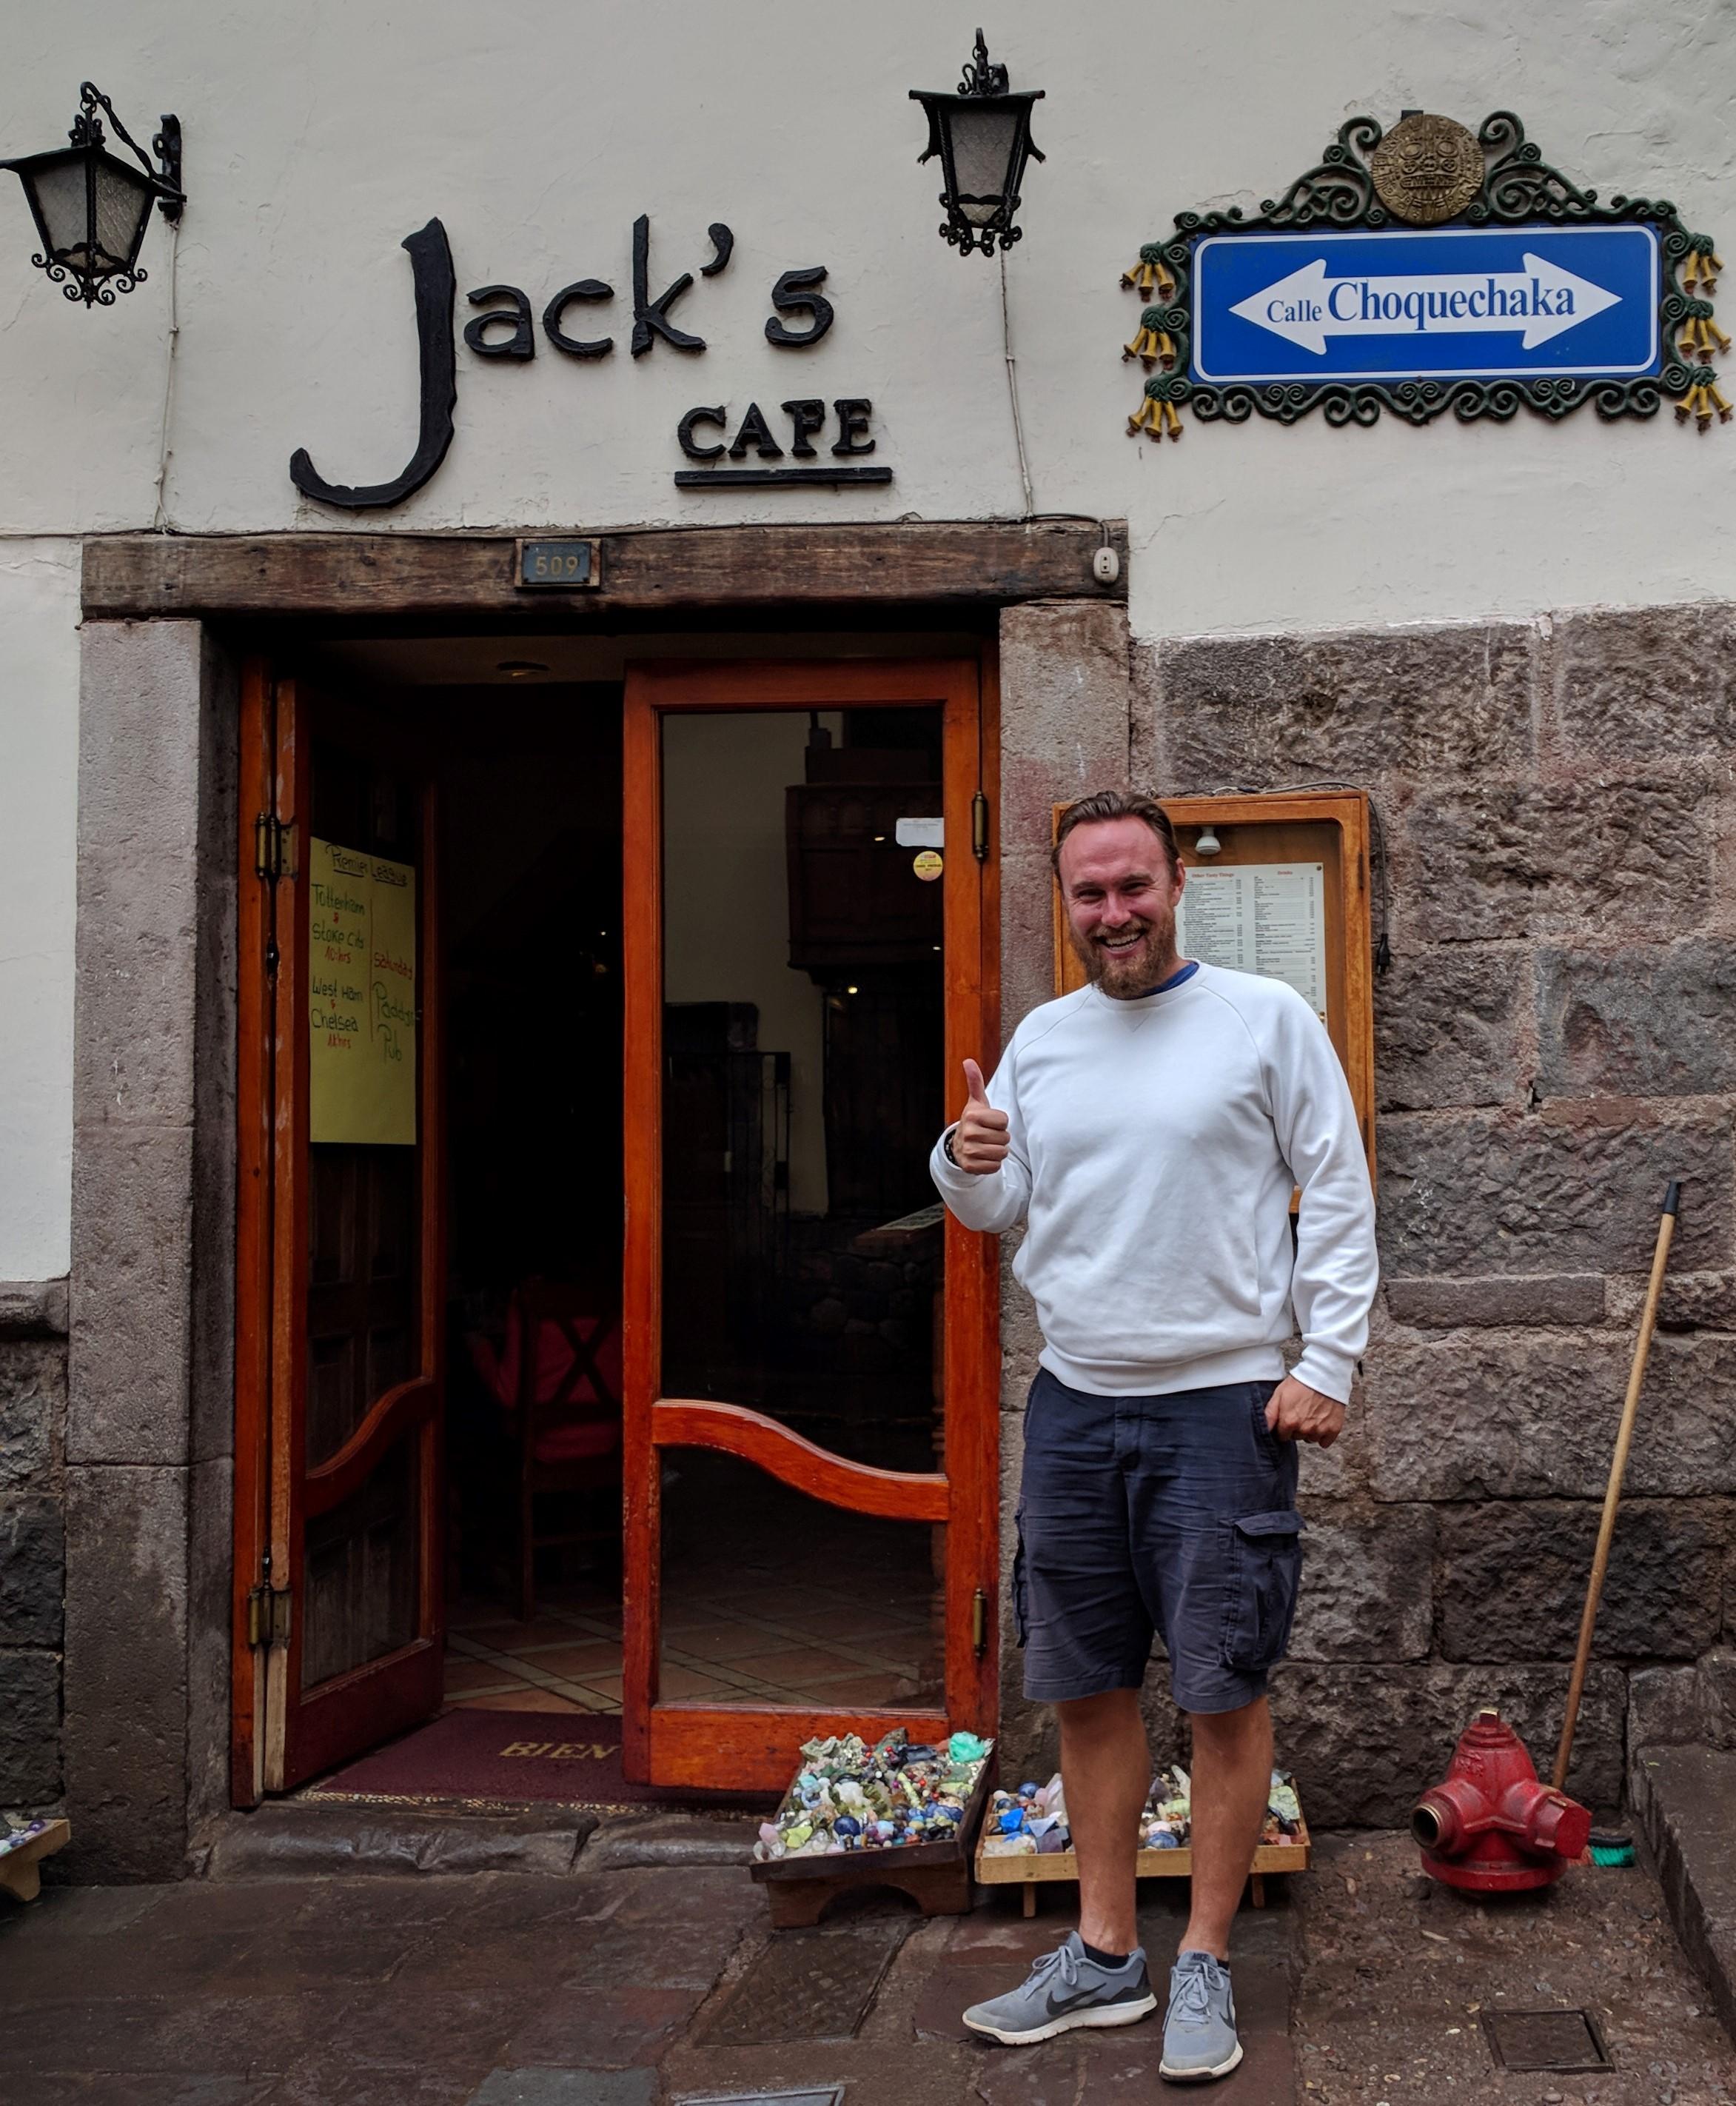 1. Jack's Cafe -